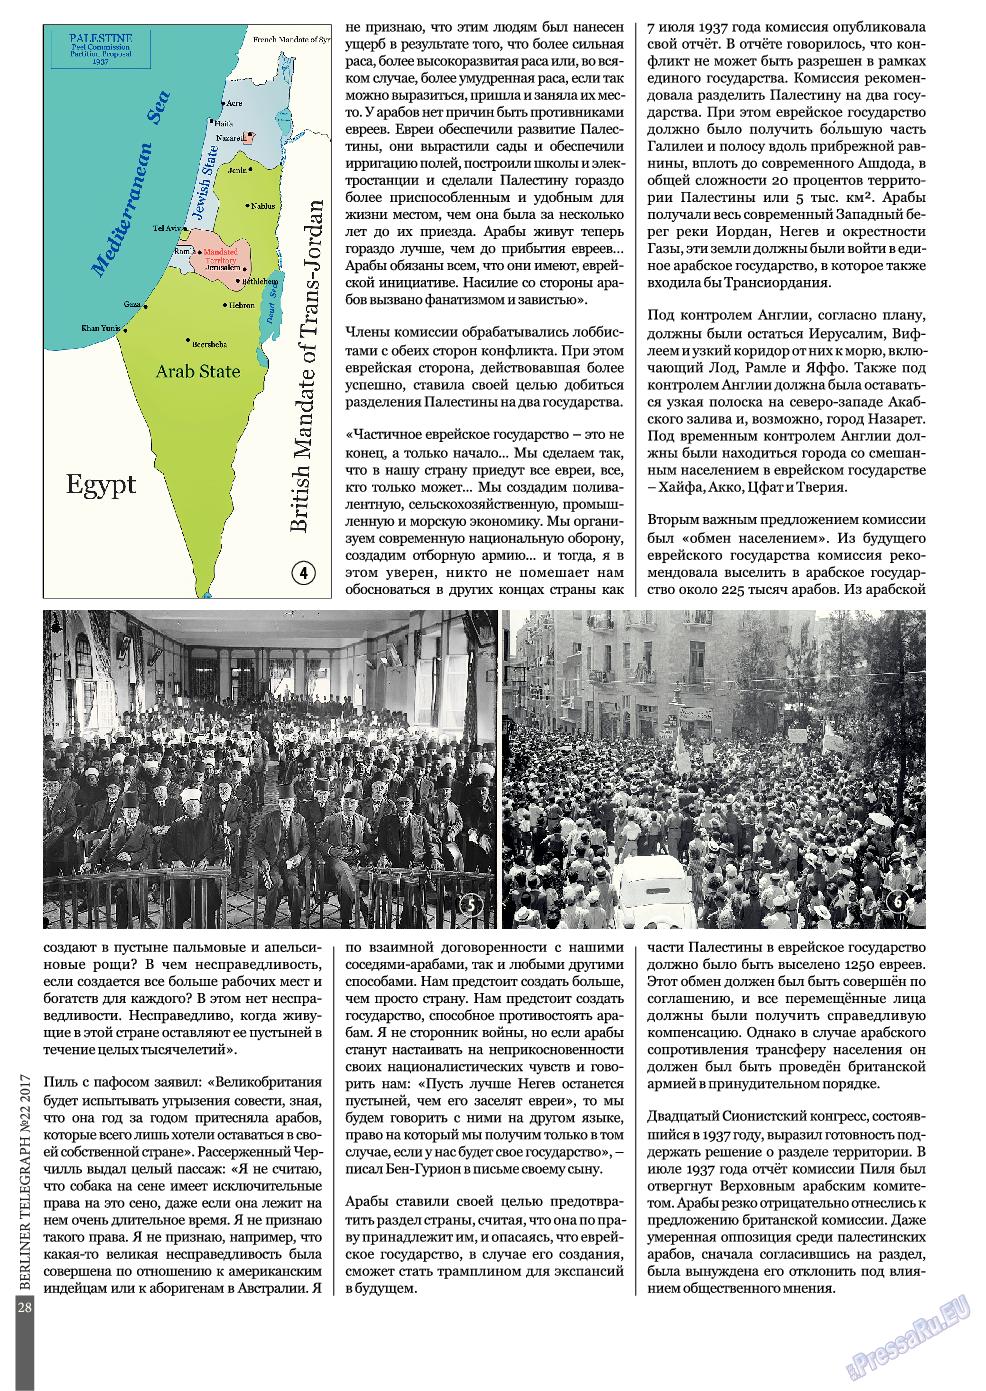 Берлинский телеграф (журнал). 2017 год, номер 22, стр. 28